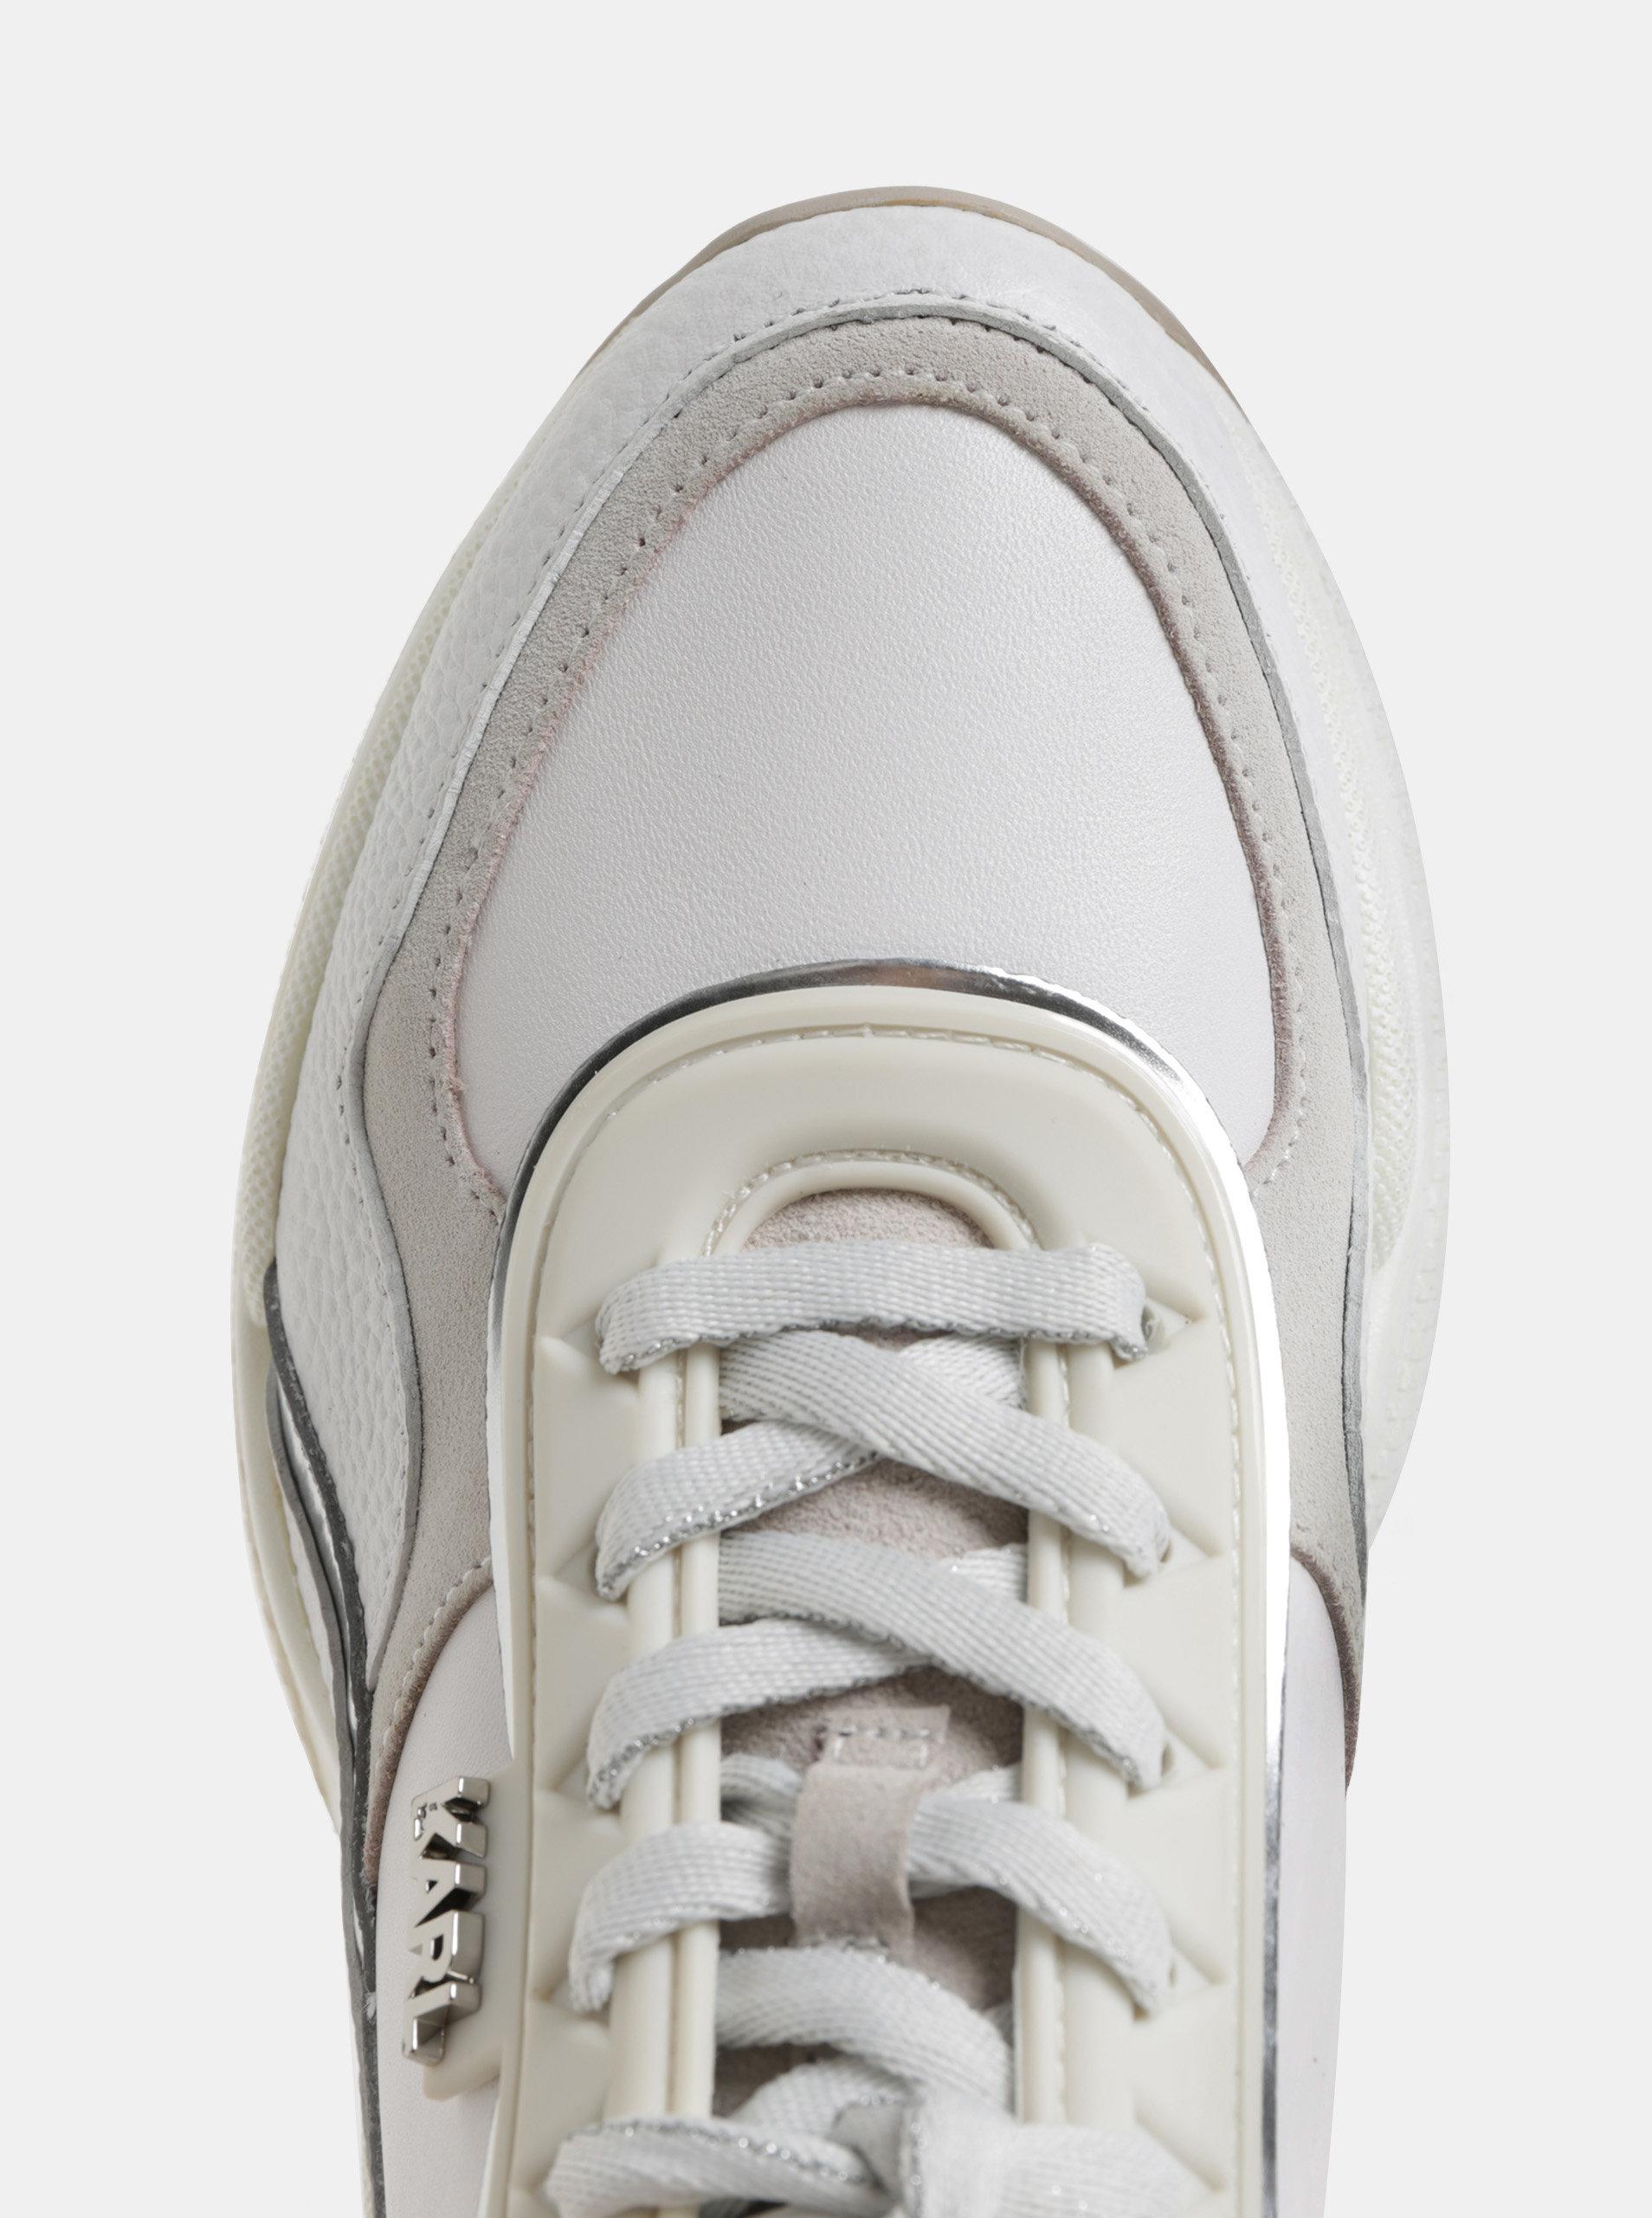 5df99ac1b5a4a Biele kožené tenisky so semišovými detailmi KARL LAGERFELD   ZOOT.sk